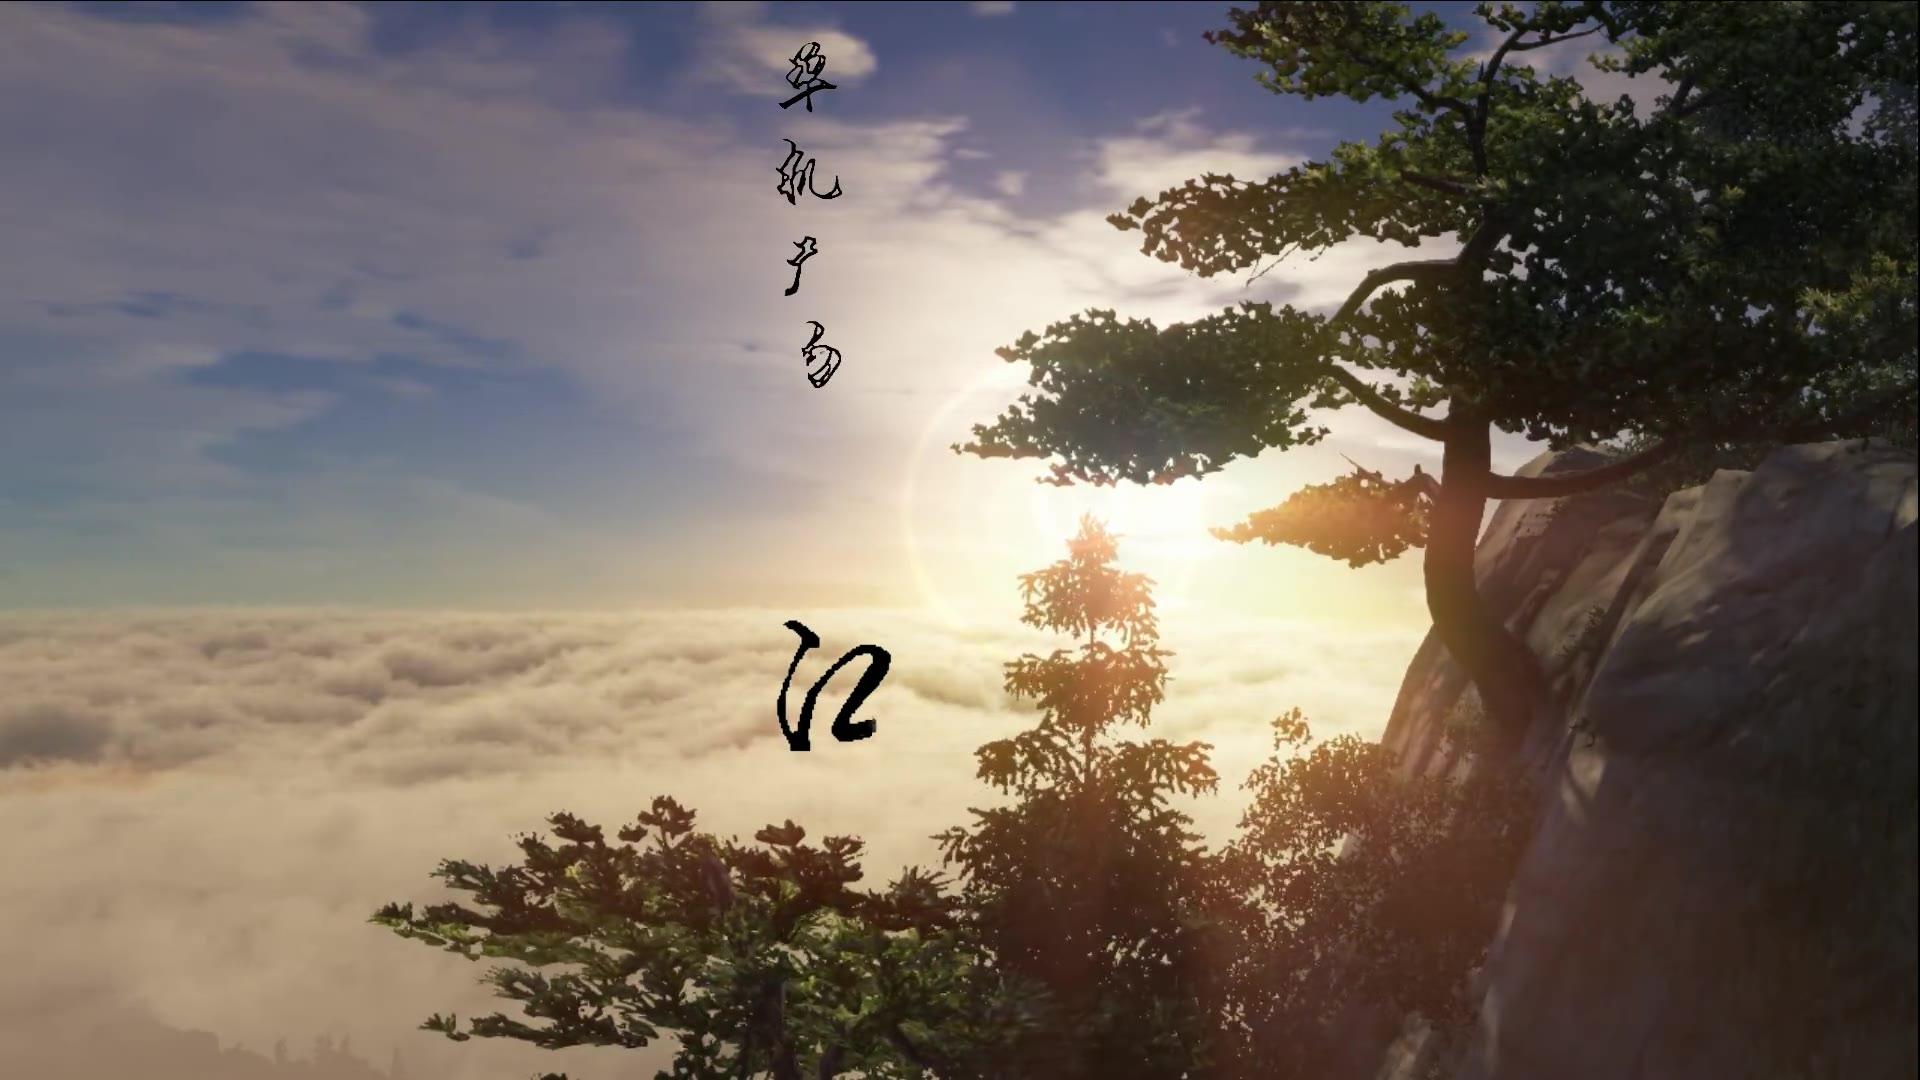 【天涯明月刀ol】——我的一个道长朋友_网络游戏